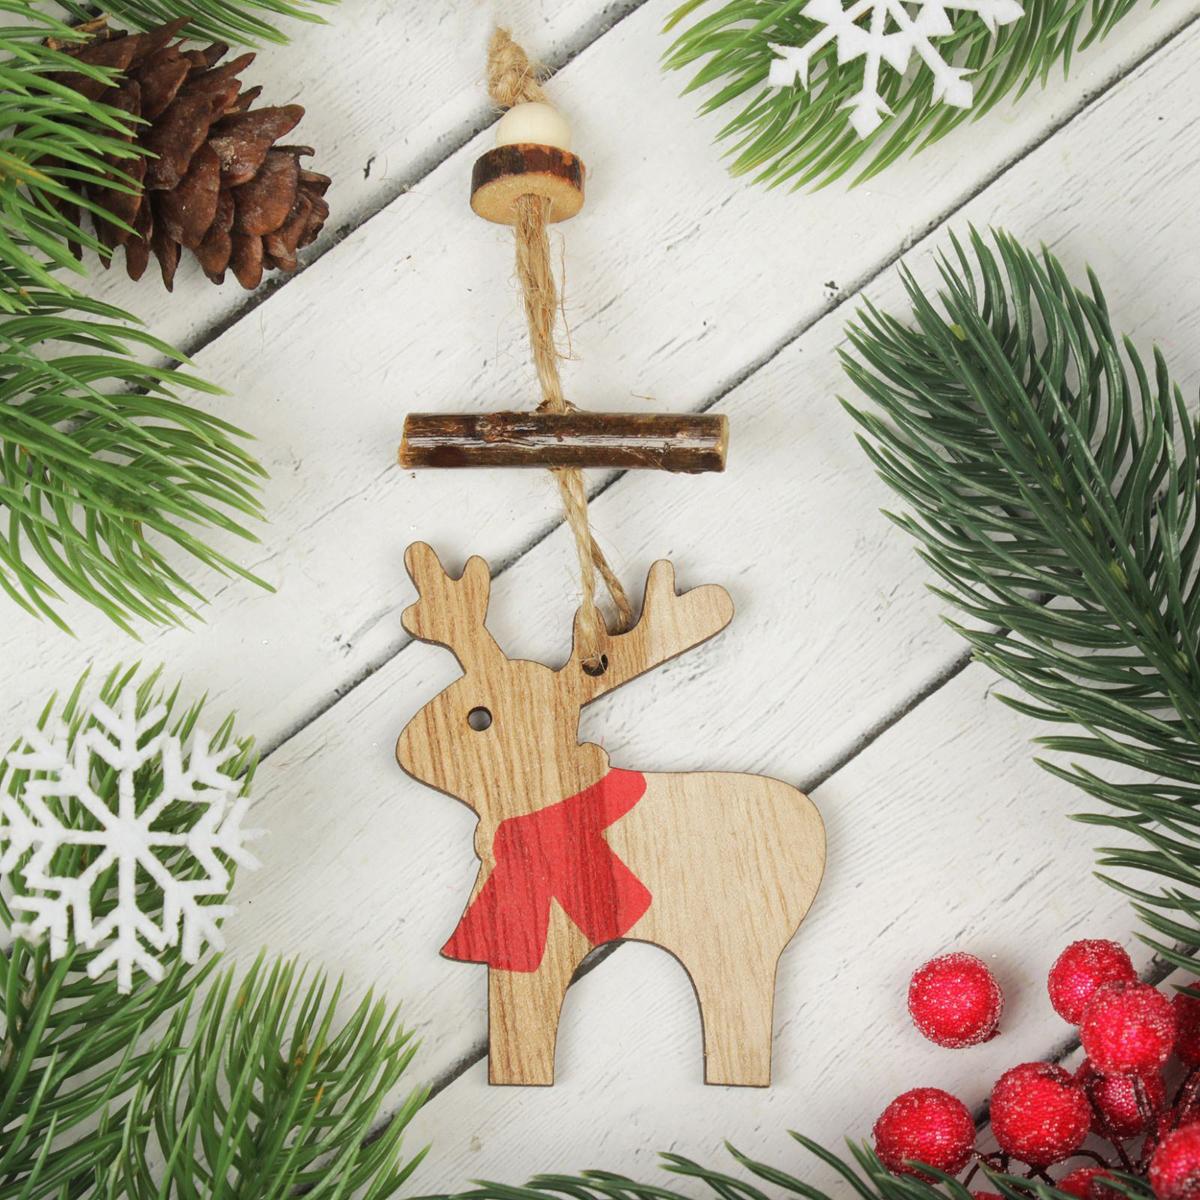 Украшение новогоднее подвесное Олень в шарфике2303244Новогоднее подвесное украшение, выполненное из дерева, отлично подойдет для декорации вашего дома и новогодней ели. С помощью специальной петельки украшение можно повесить в любом понравившемся вам месте. Но, конечно, удачнее всего оно будет смотреться на праздничной елке.Елочная игрушка - символ Нового года. Она несет в себе волшебство и красоту праздника. Такое украшение создаст в вашем доме атмосферу праздника, веселья и радости.